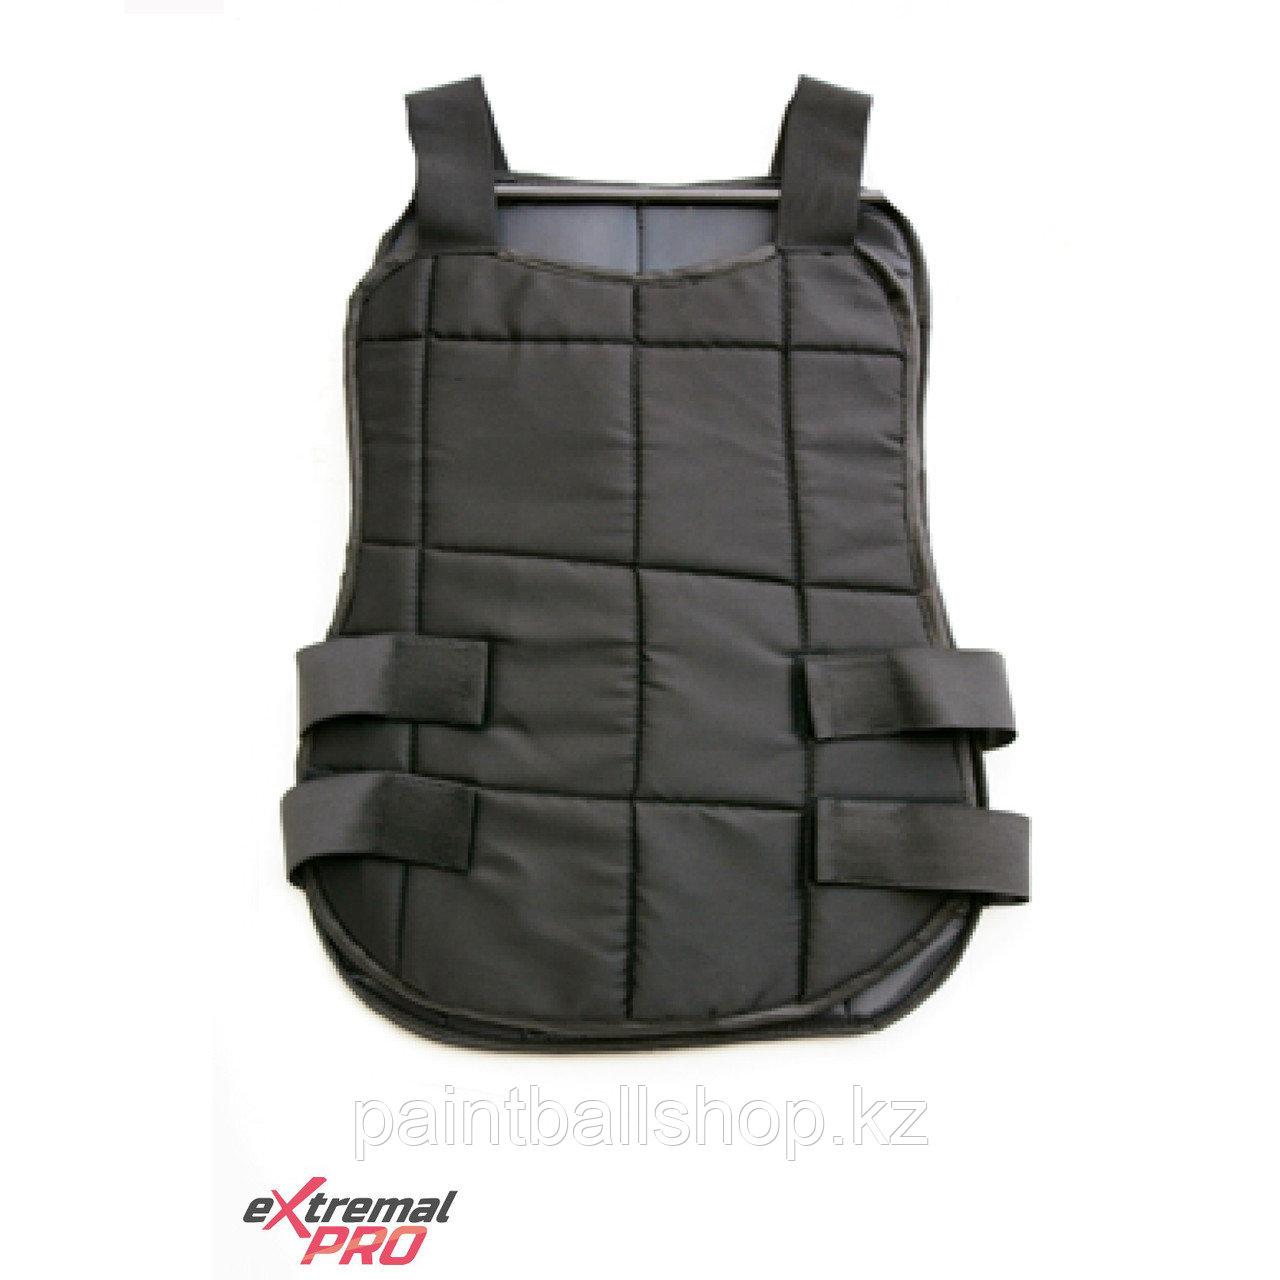 Защитный жилет для проката черный